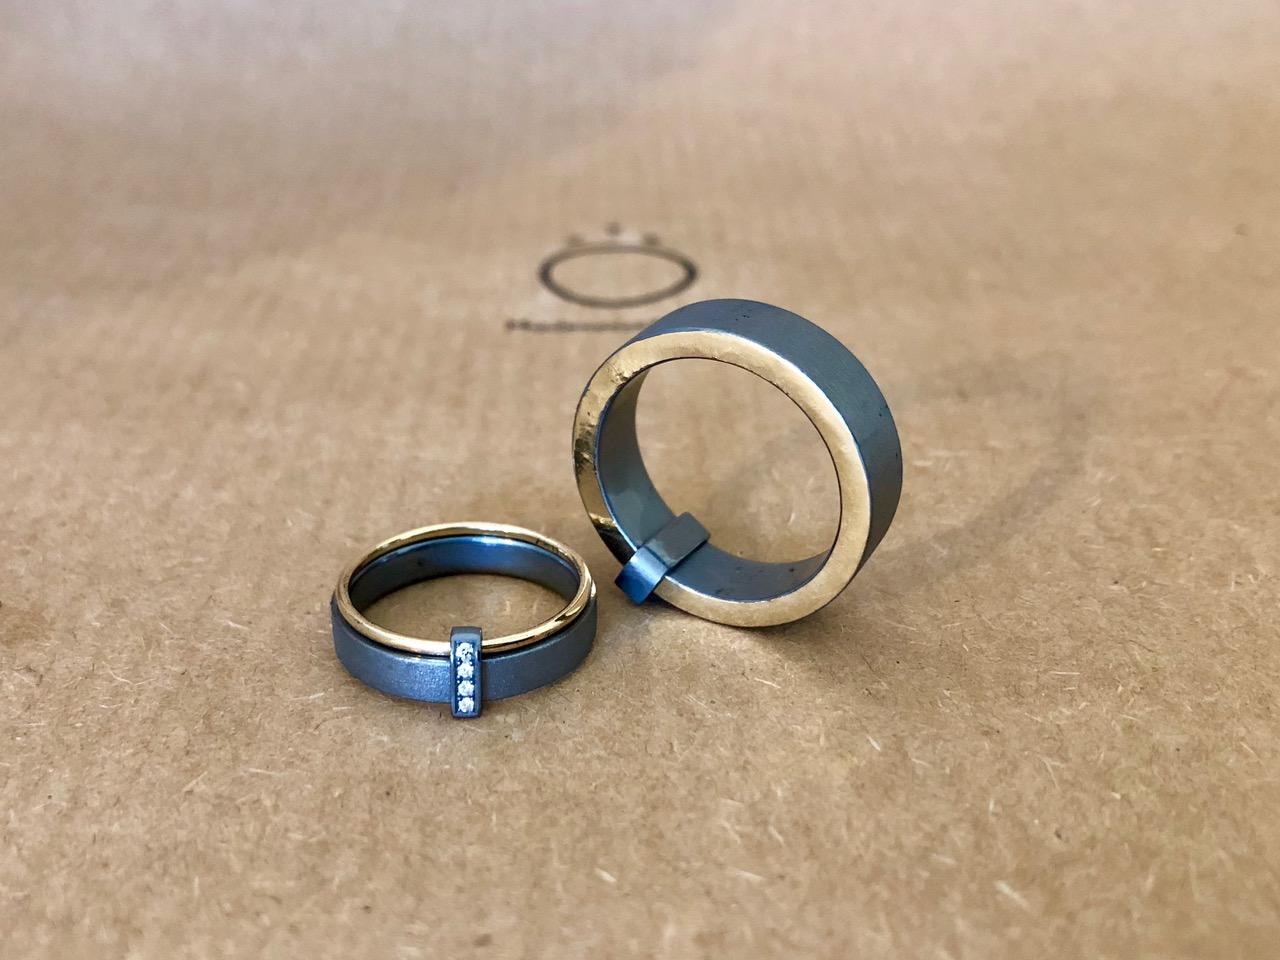 bijoutière, bijoux faire-trade, alliances, bijoux mariage, mademoiselle O, créatrice alliances